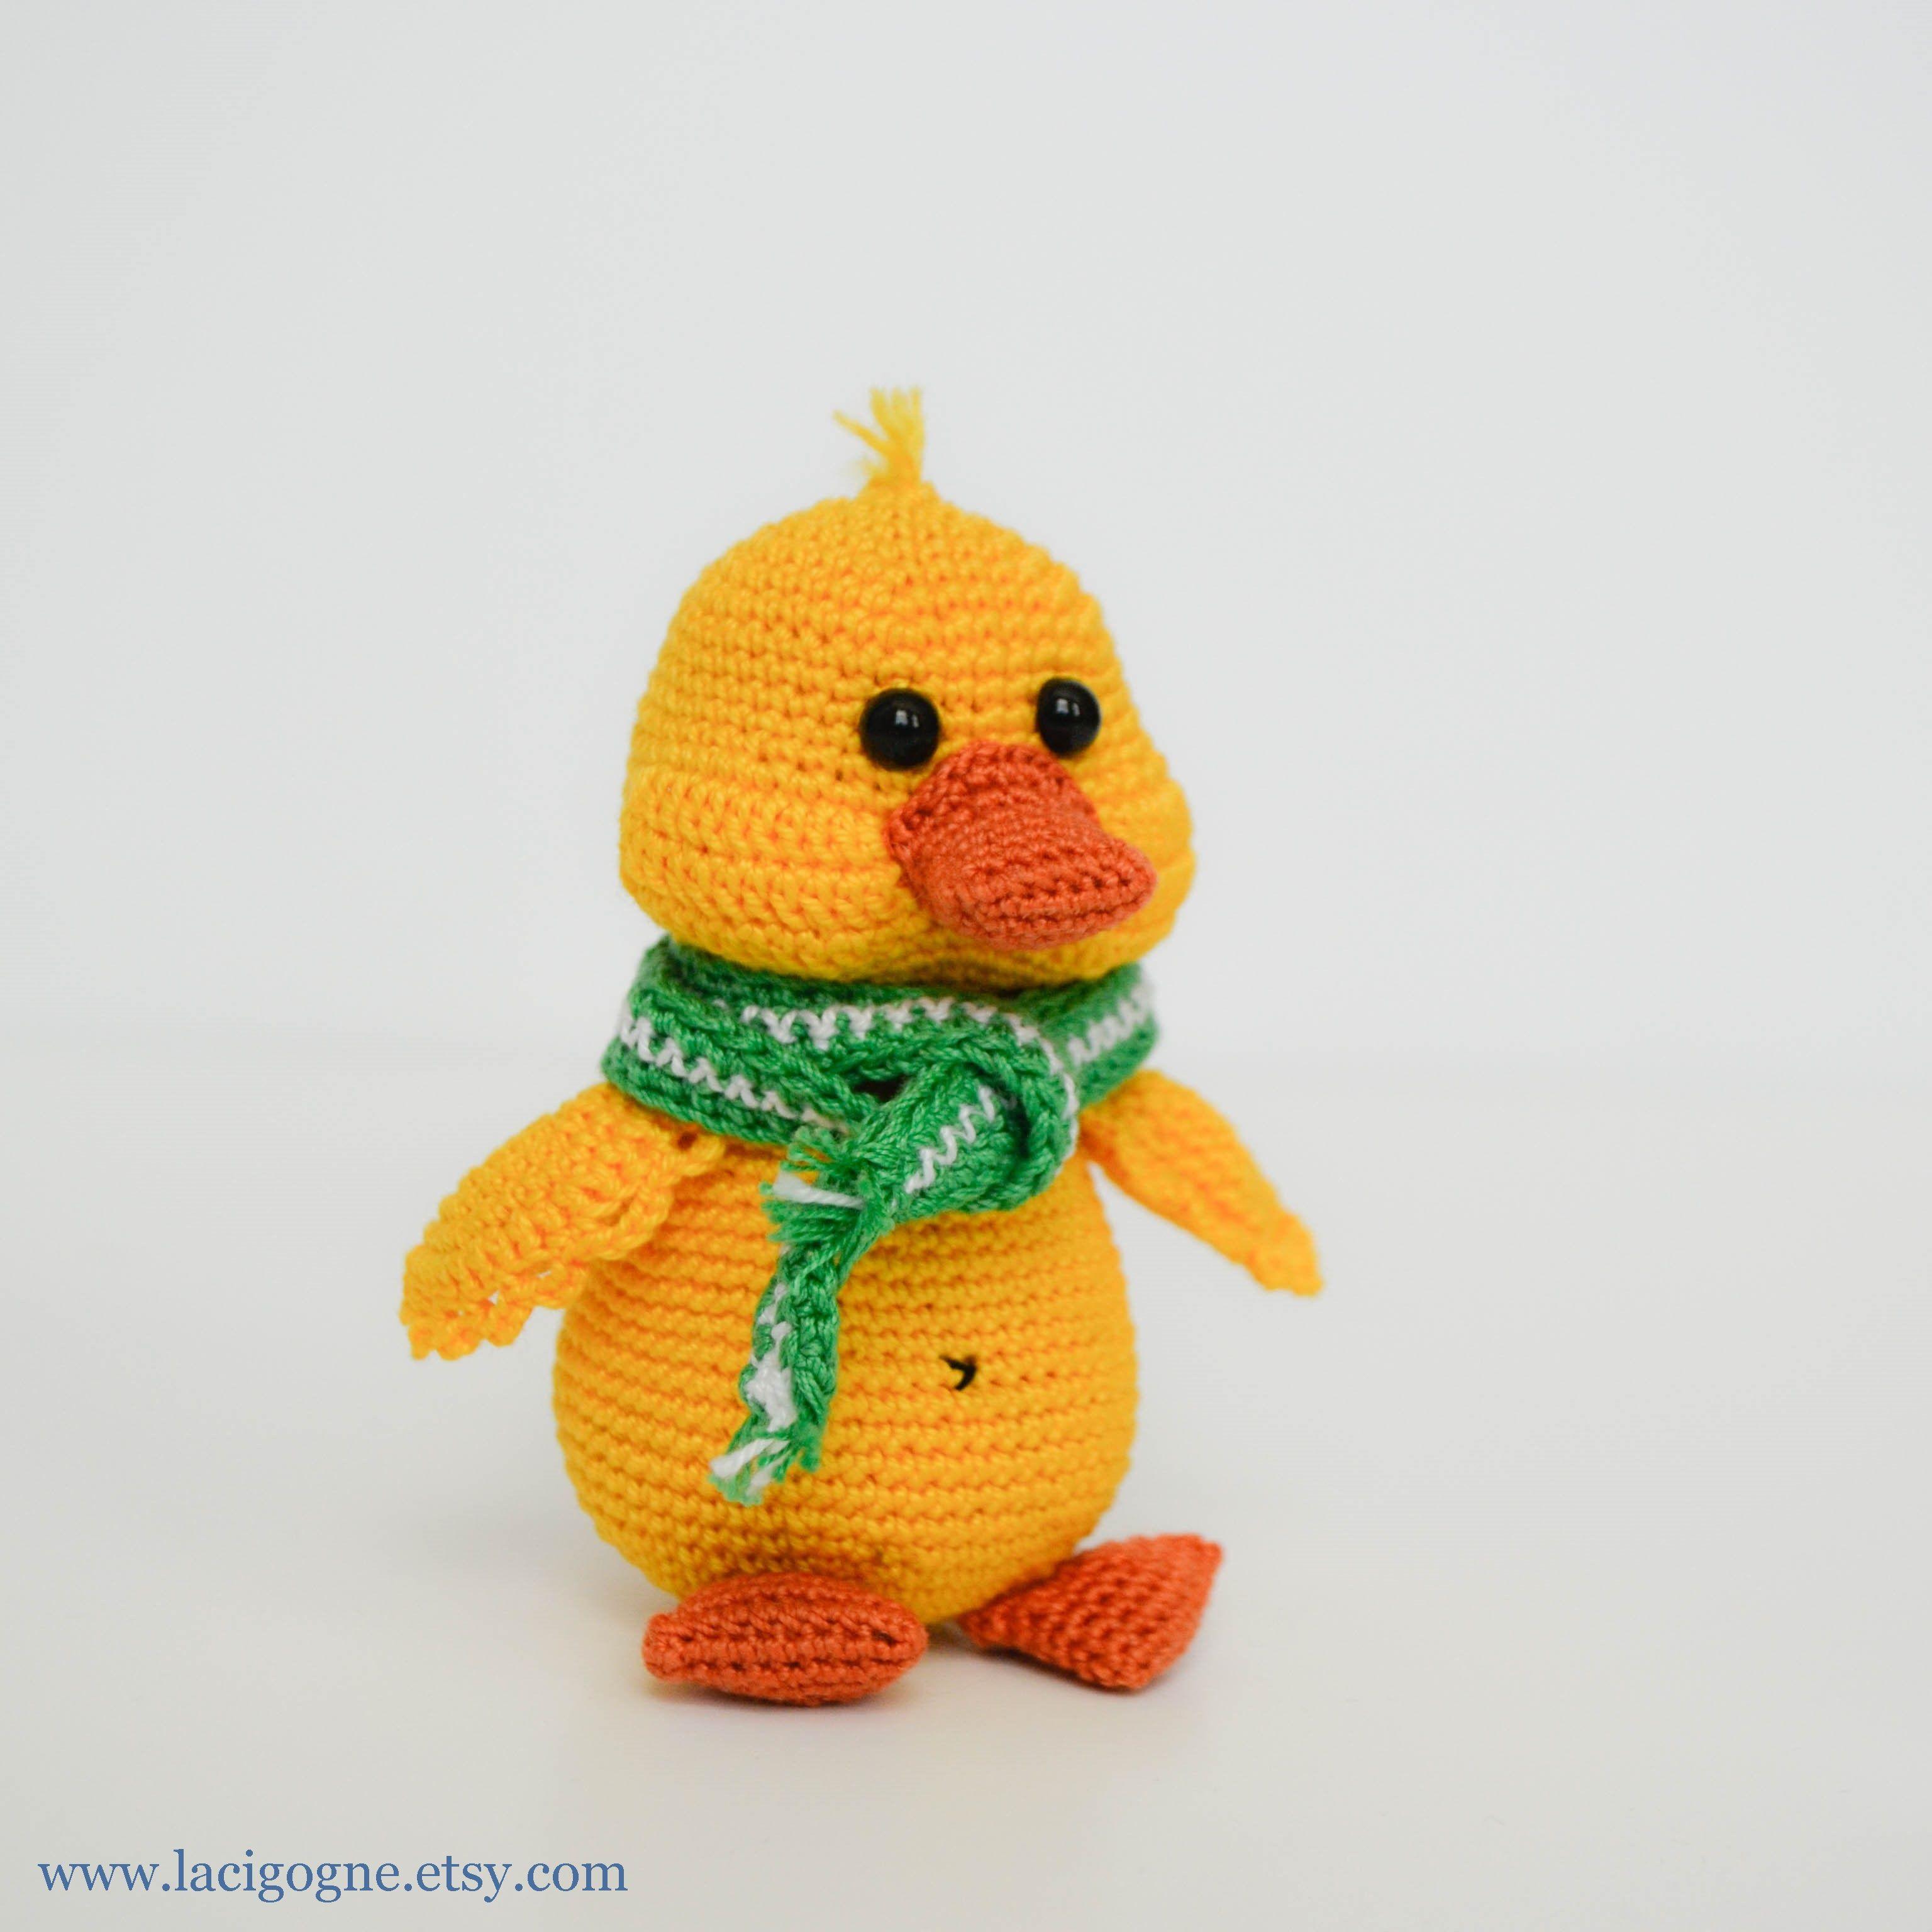 Pattern Duck Crochet Amigurumi Pattern Toy Duckling Fairytale